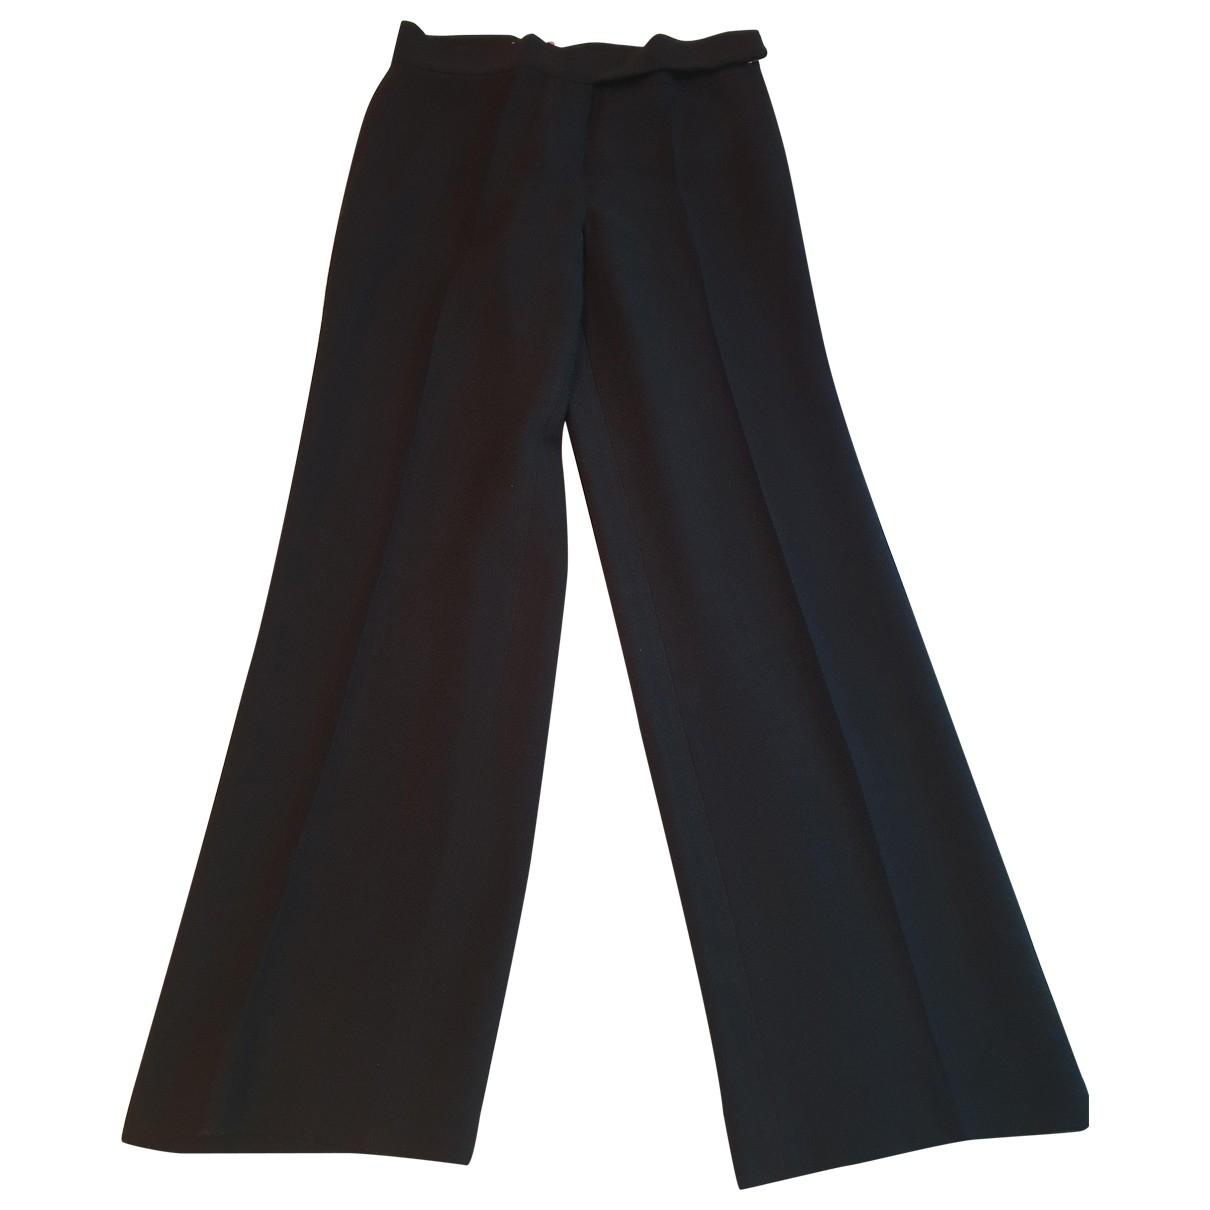 Emanuel Ungaro - Pantalon   pour femme en soie - noir